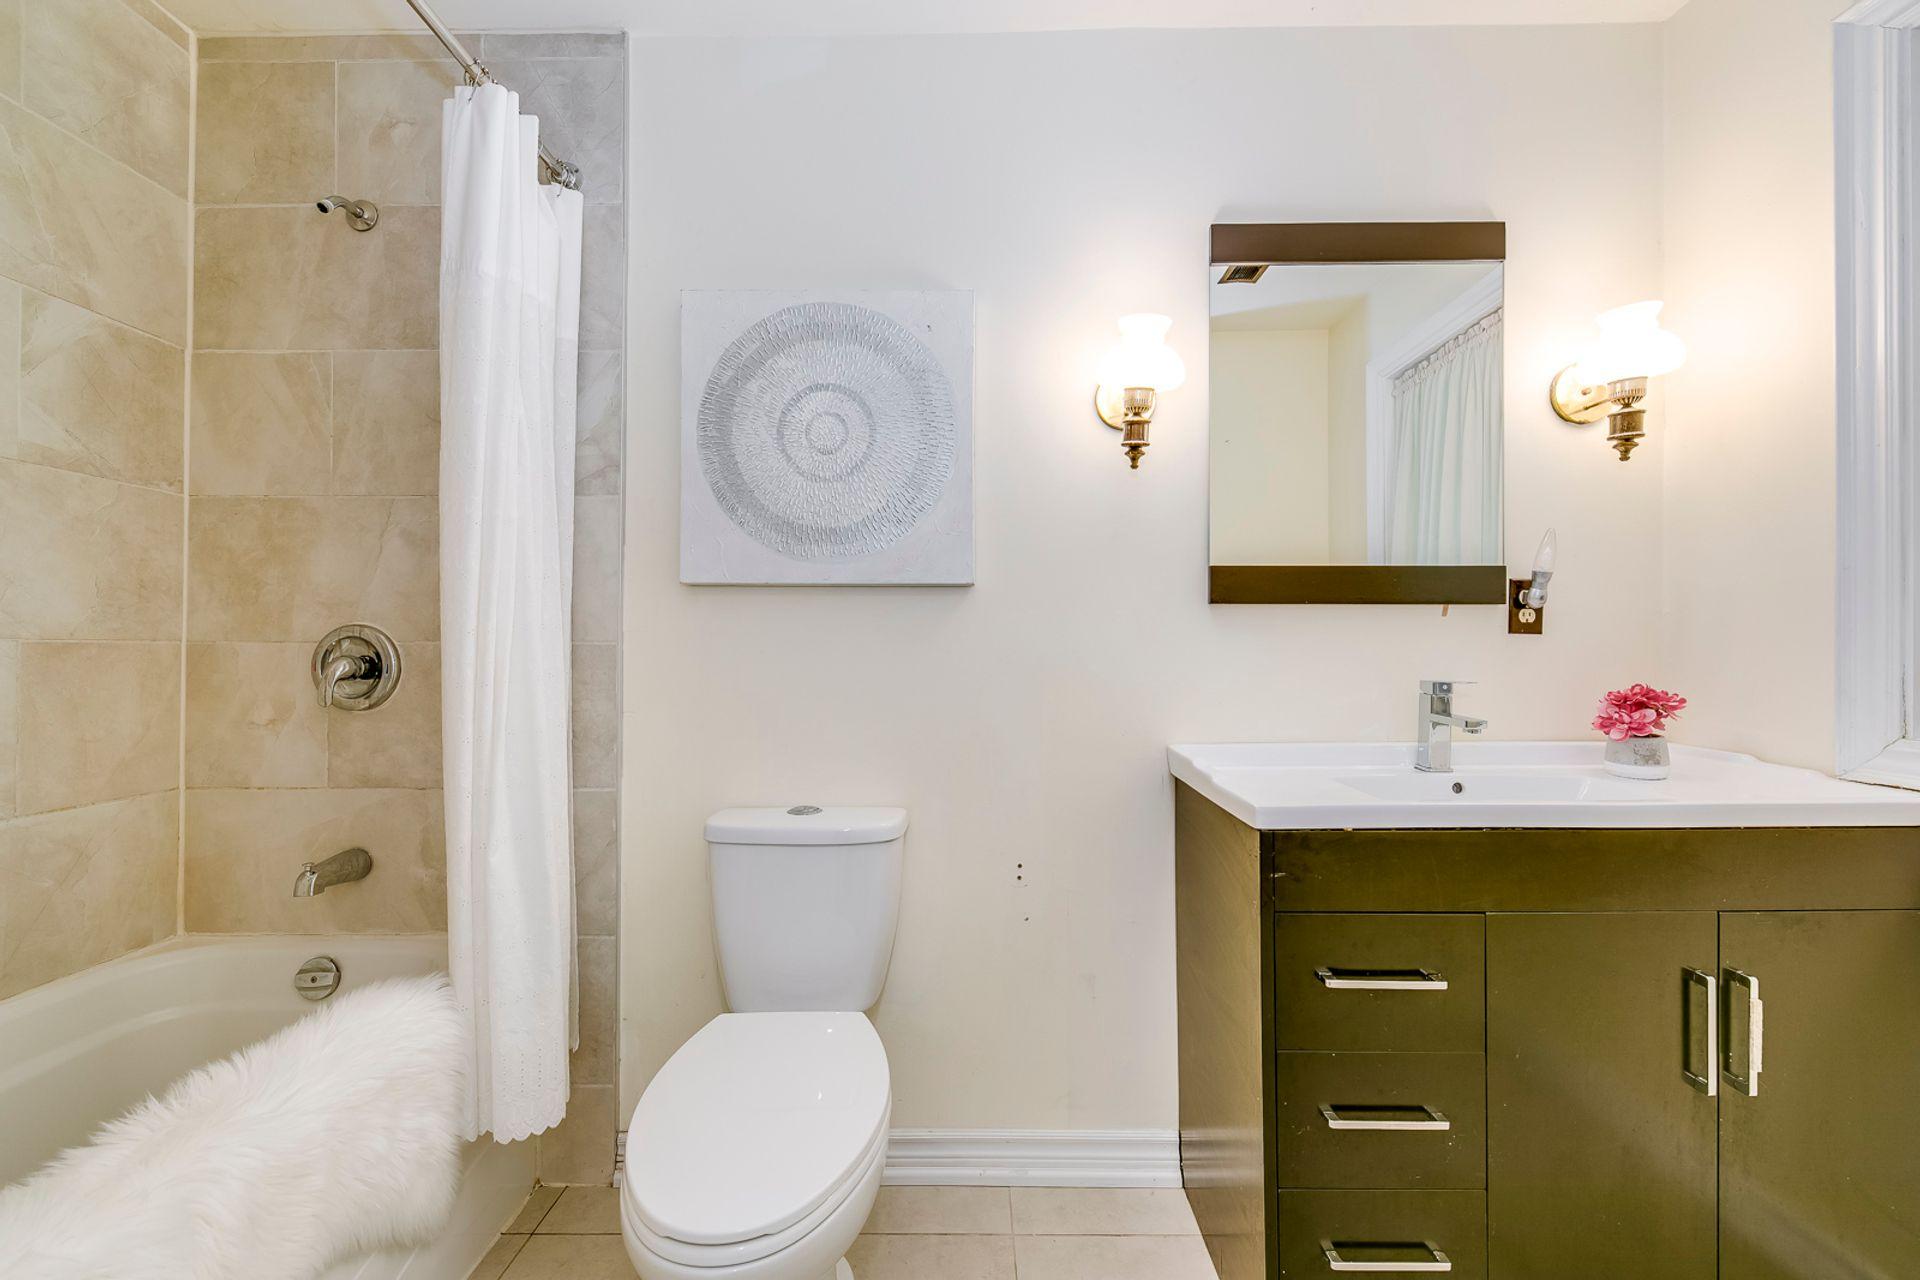 Basement Bathroom - 2421 Jarvis St, Mississauga - Elite3 & Team at 2421 Jarvis Street, Airport Corporate, Mississauga